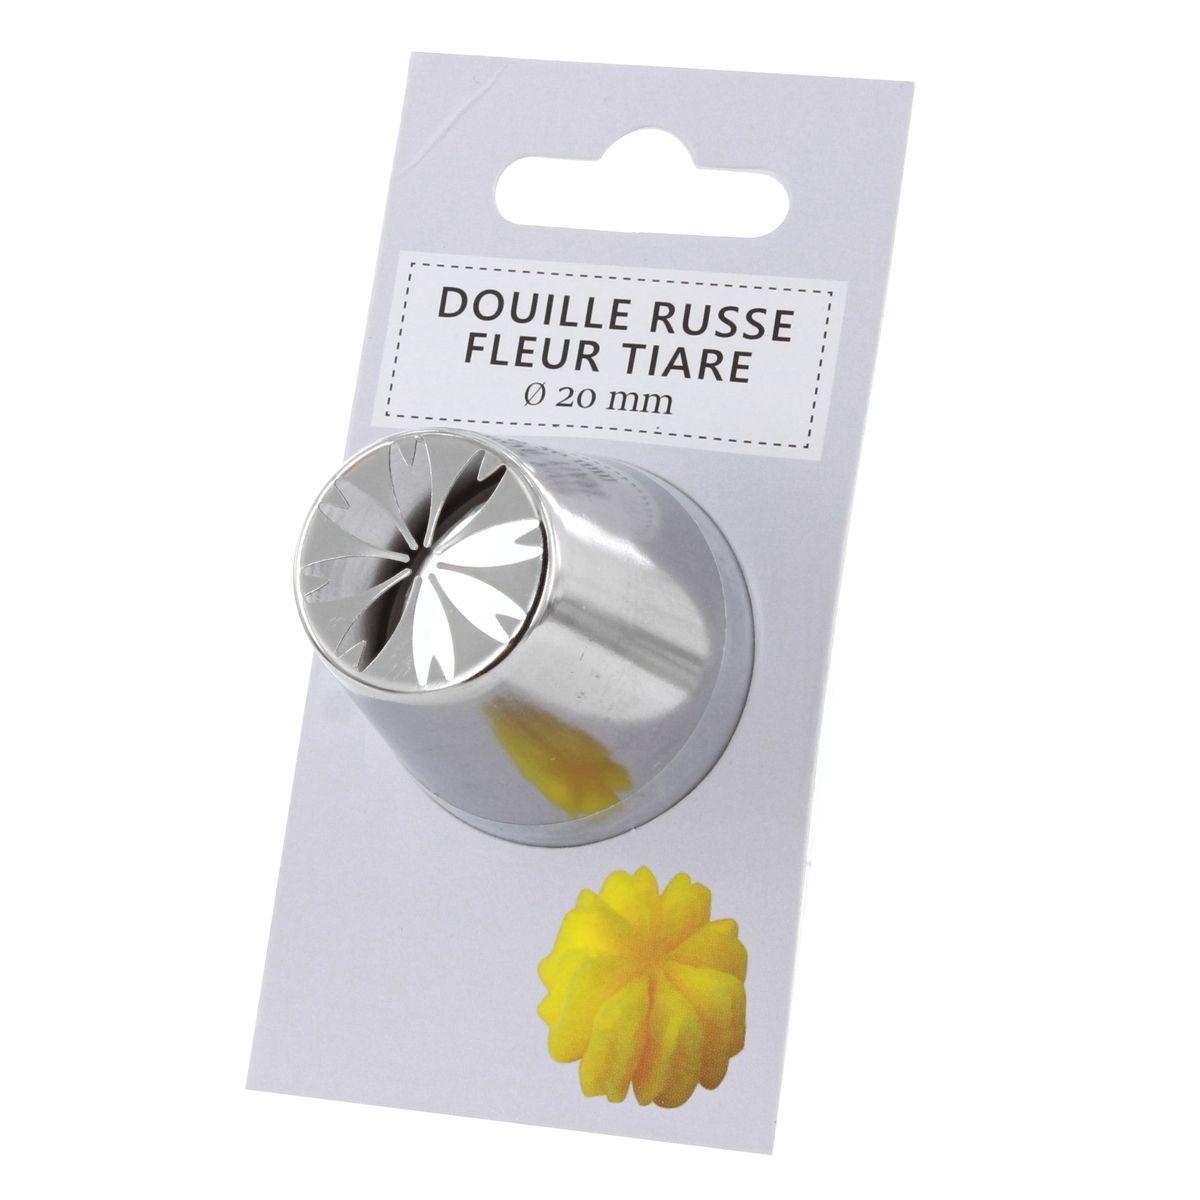 Douille russe fleur tiaré 20mm